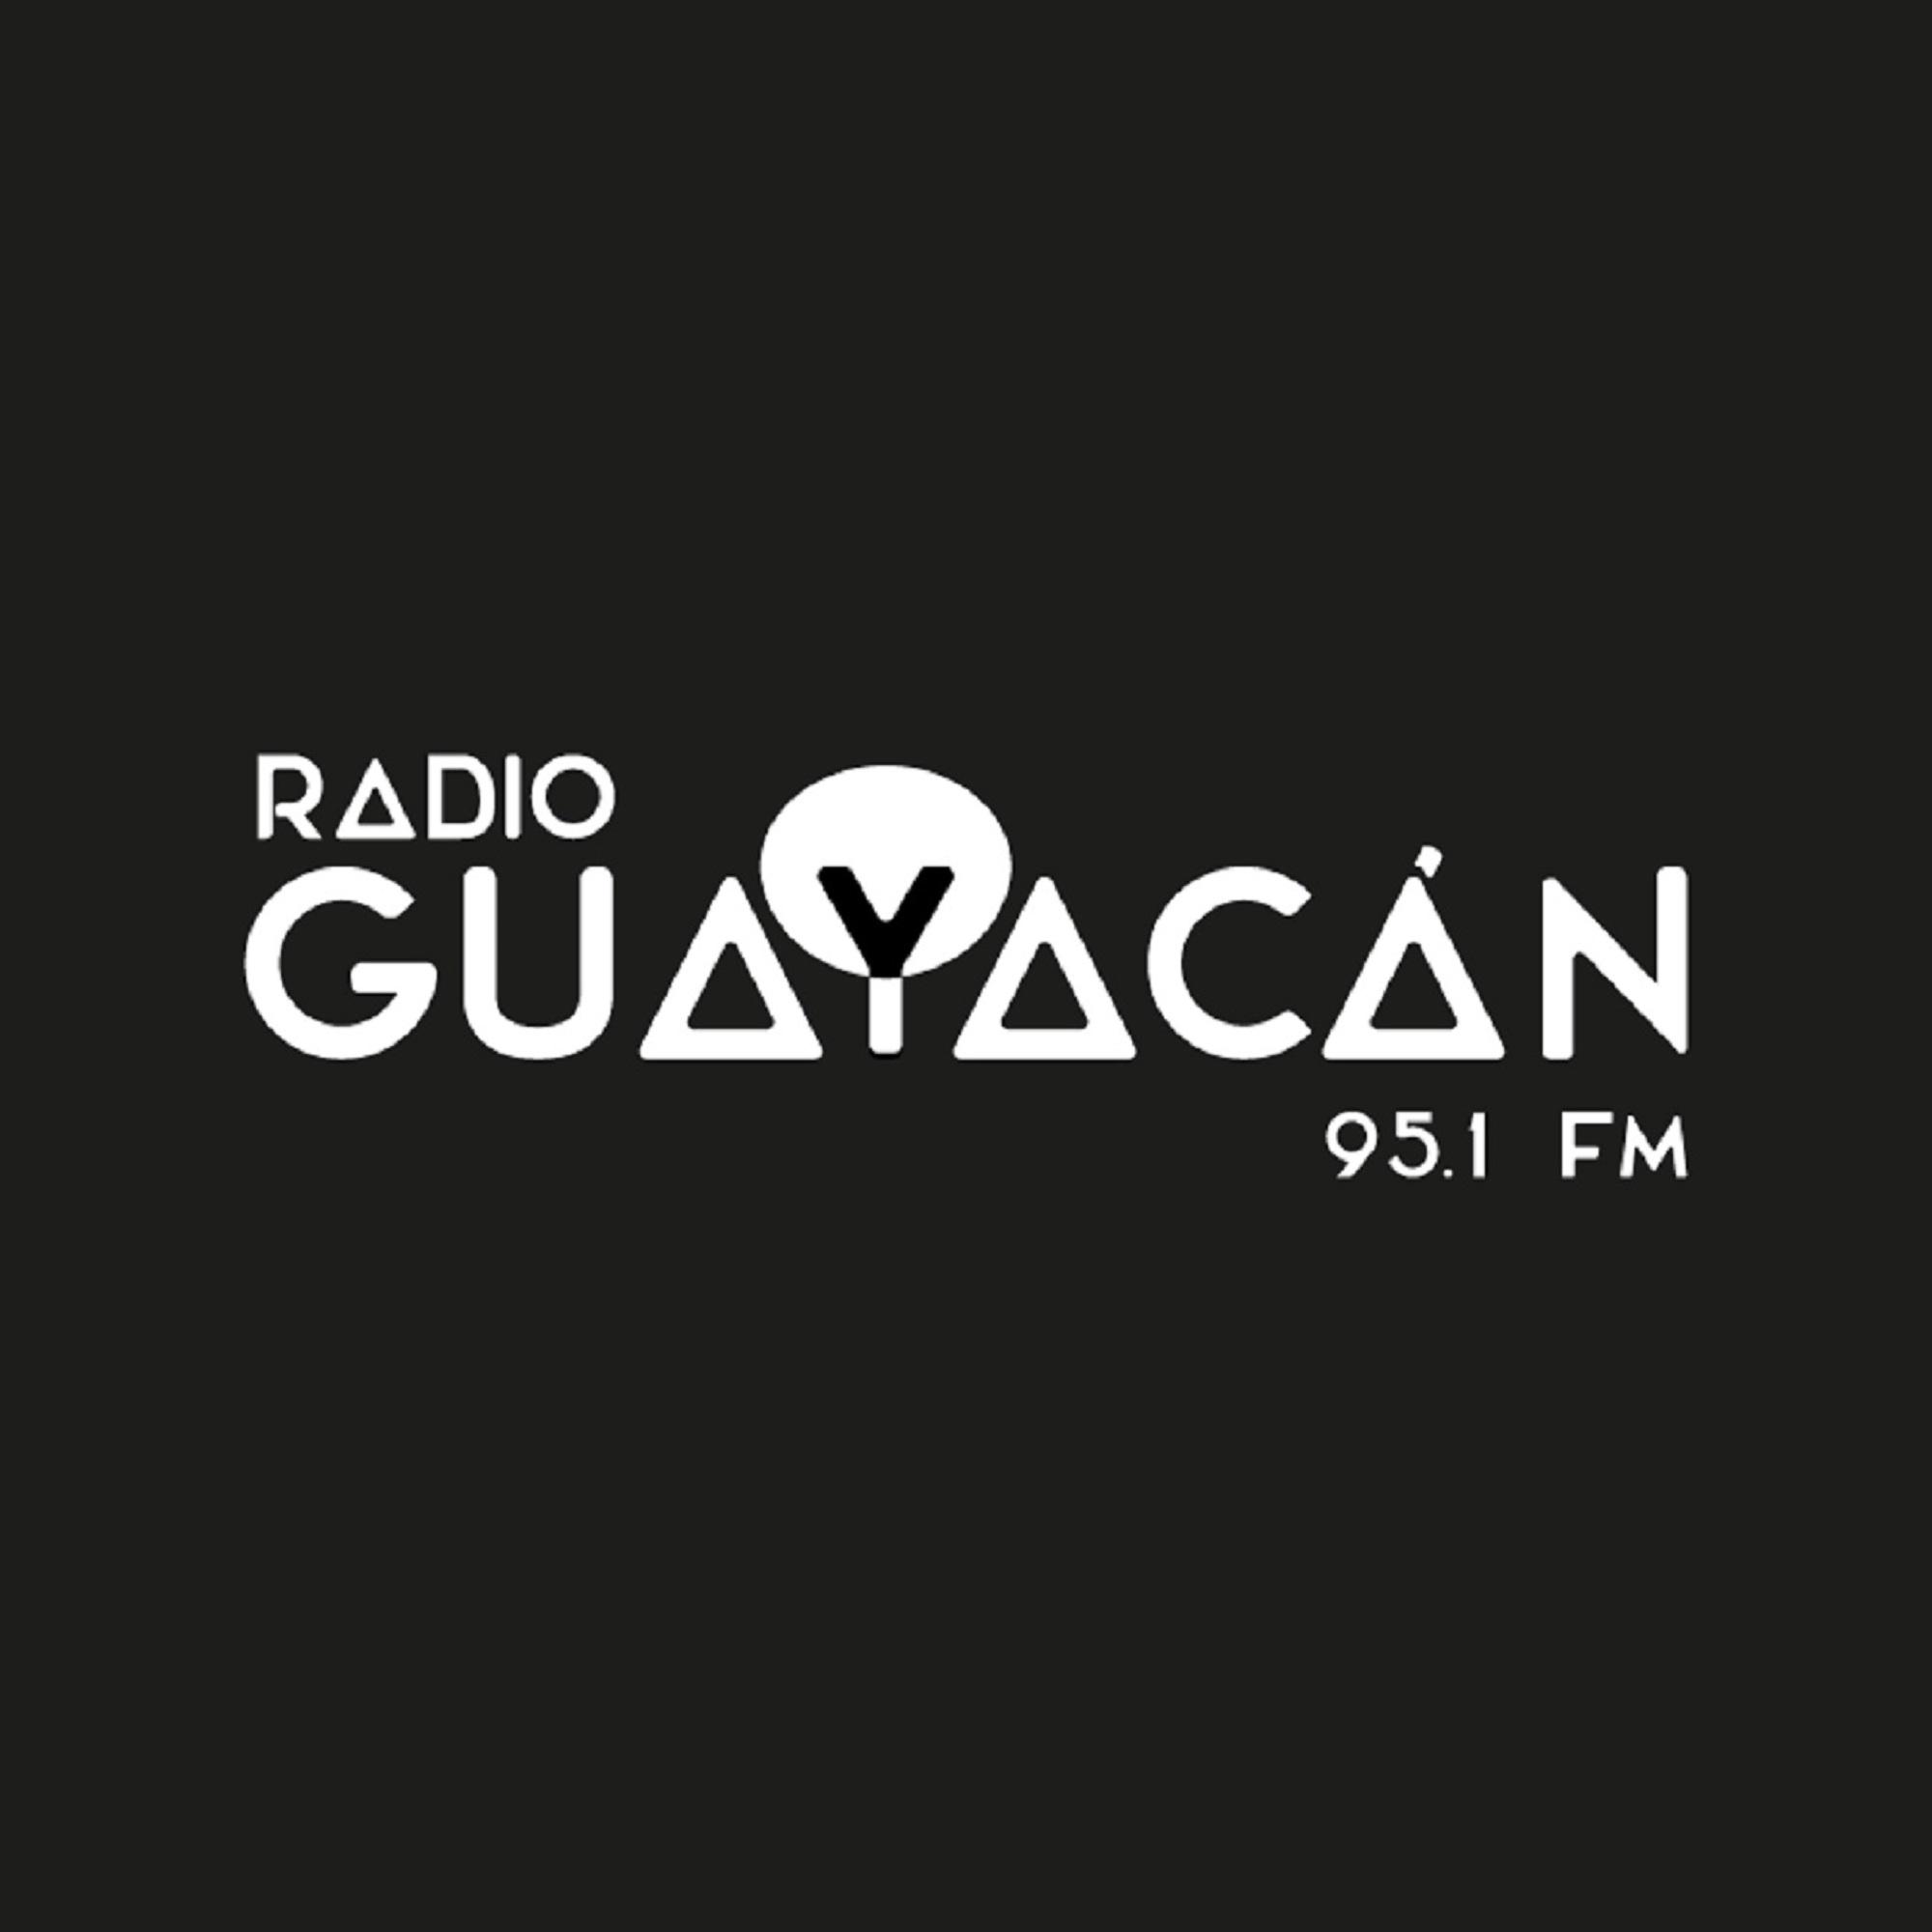 Radio Guayacán - Líder en Información